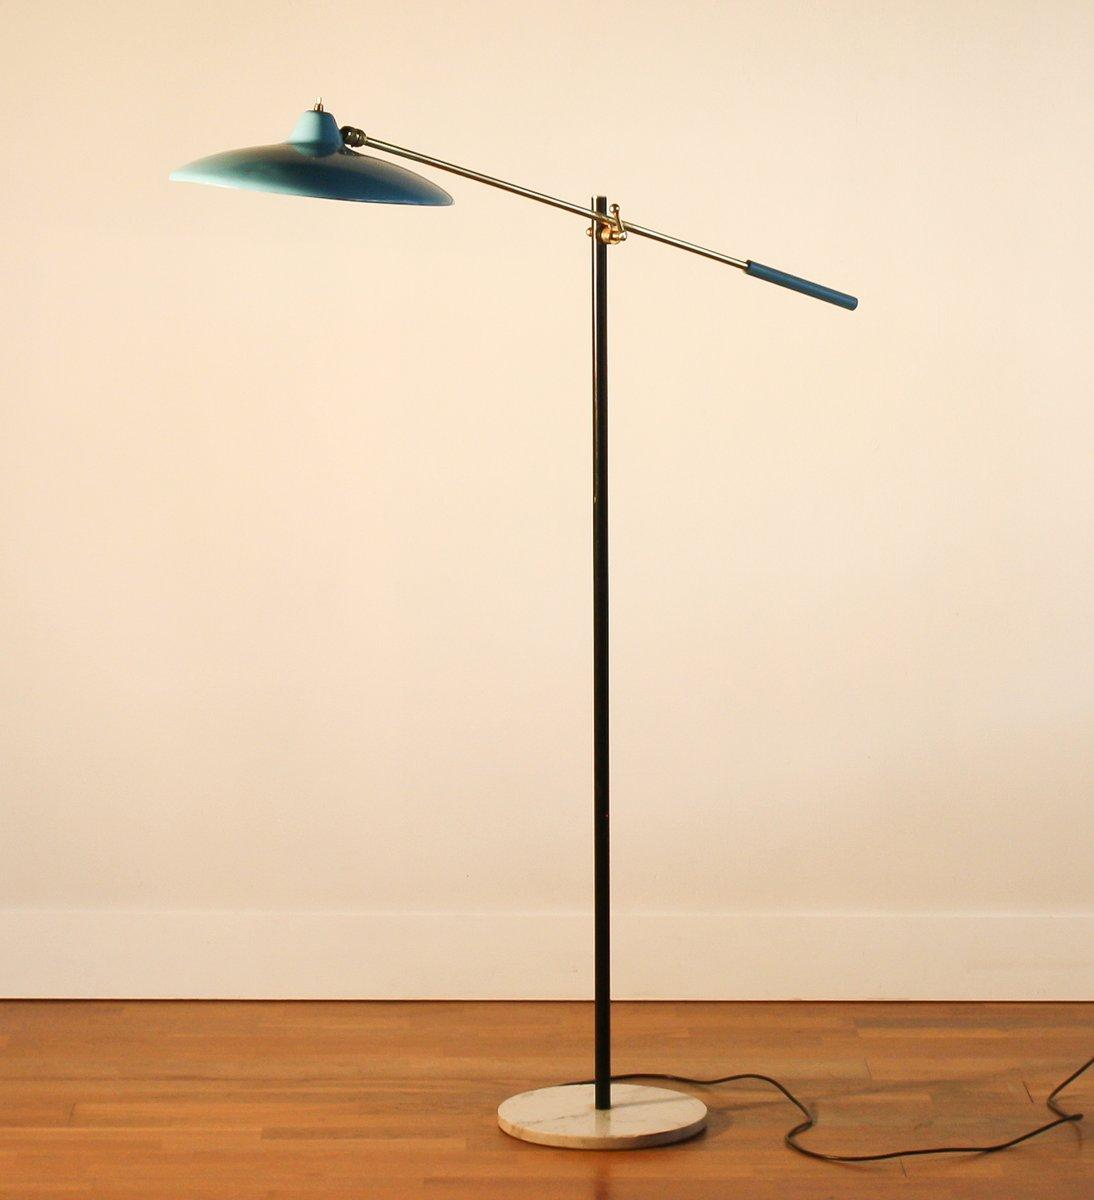 blue floor lamp from stilnovo s for sale at pamono - blue floor lamp from stilnovo s